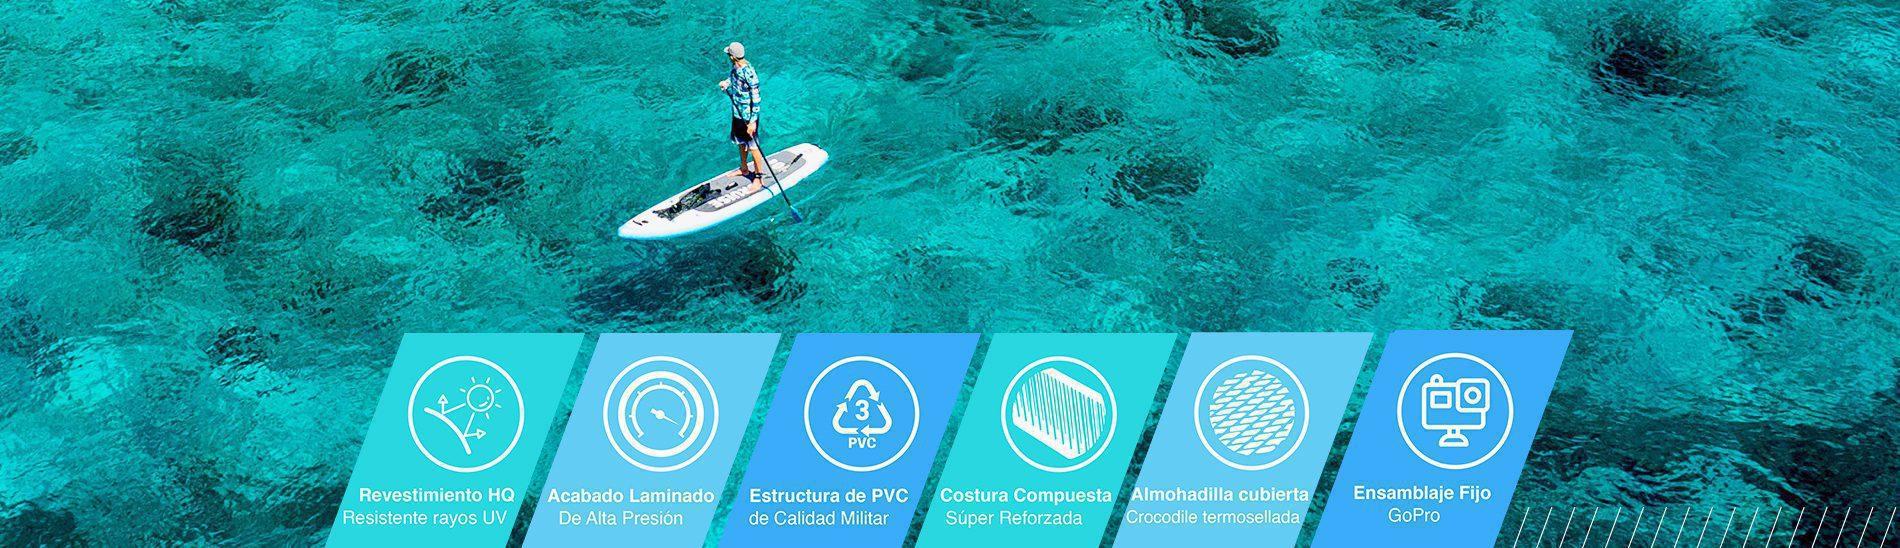 paddleboard, Página principal